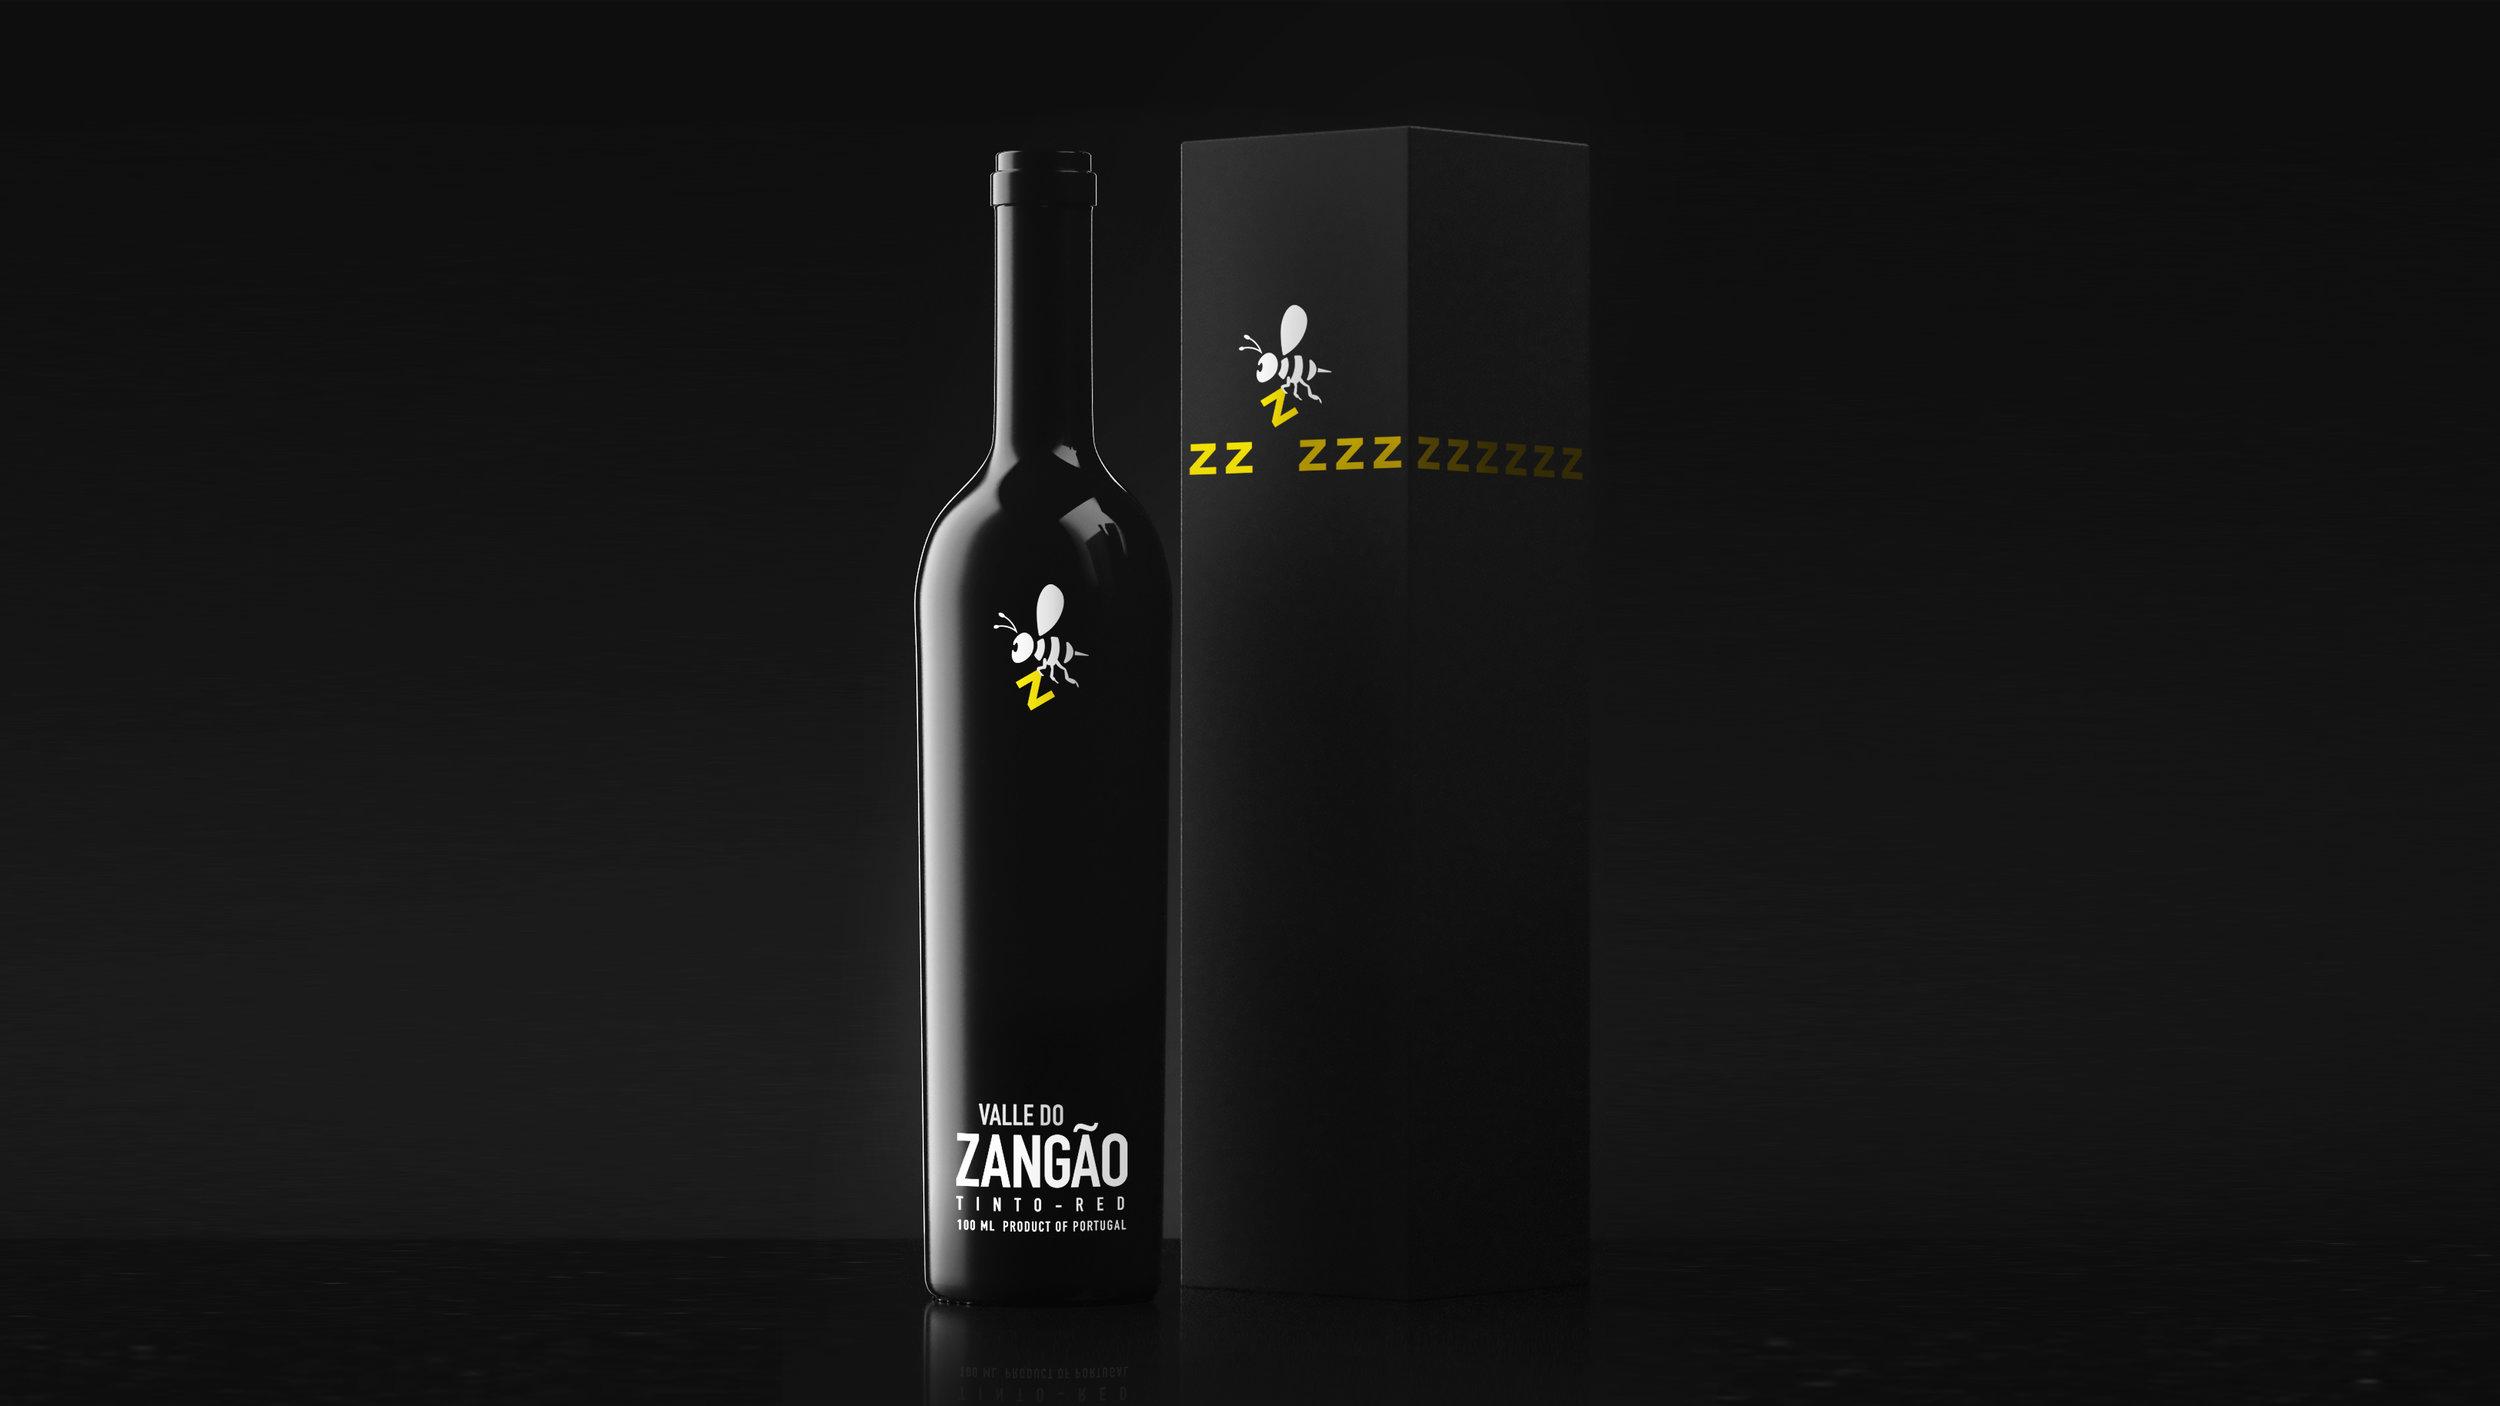 Brand_republica_o_zangao_red_wine_packaging_design.jpg